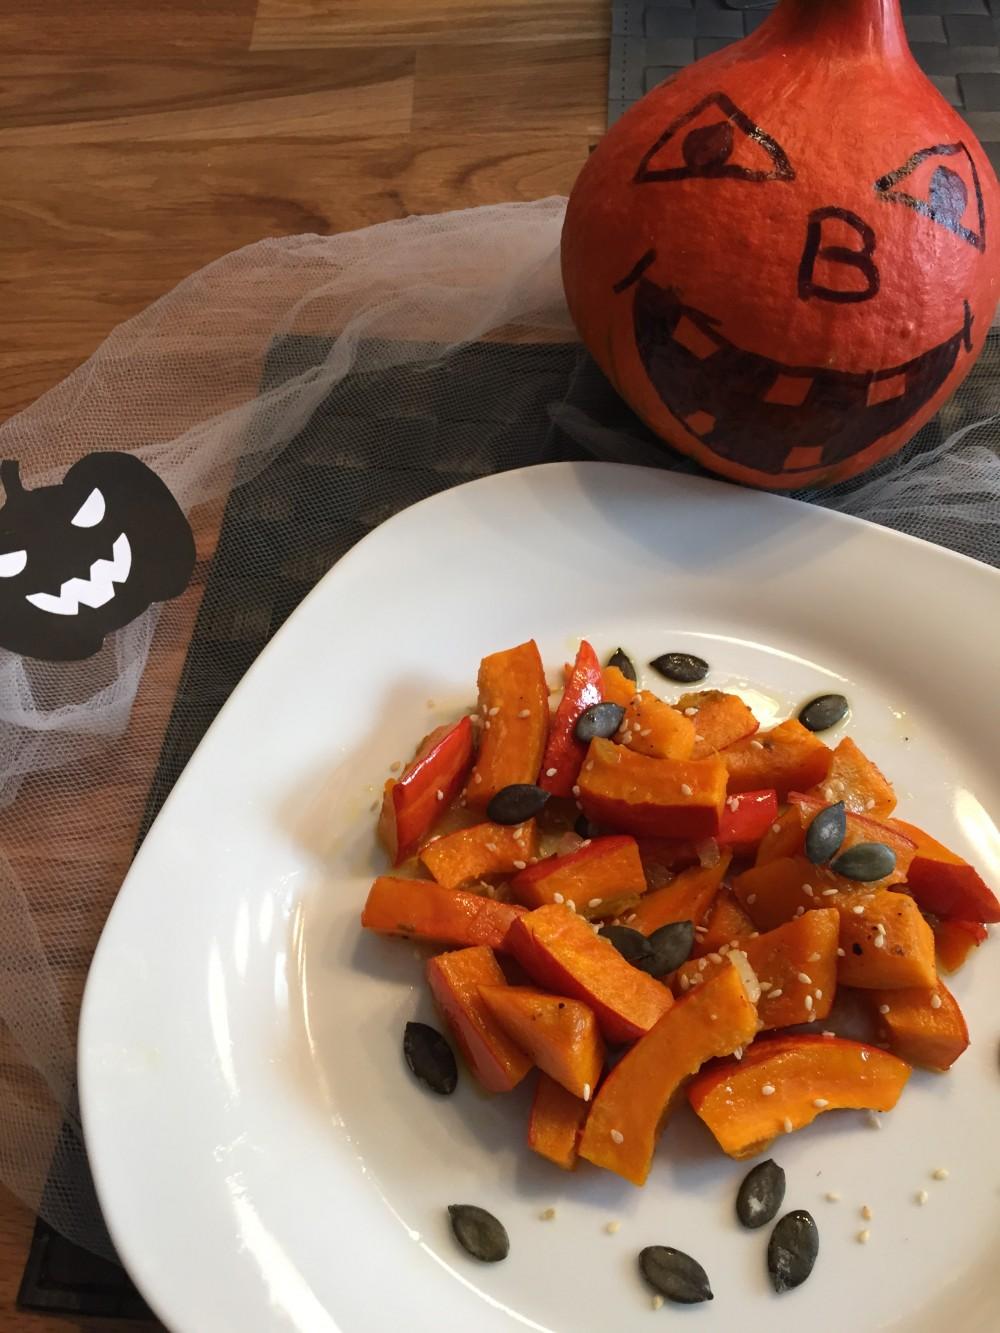 basenfasten und Halloween vertragen sich gut